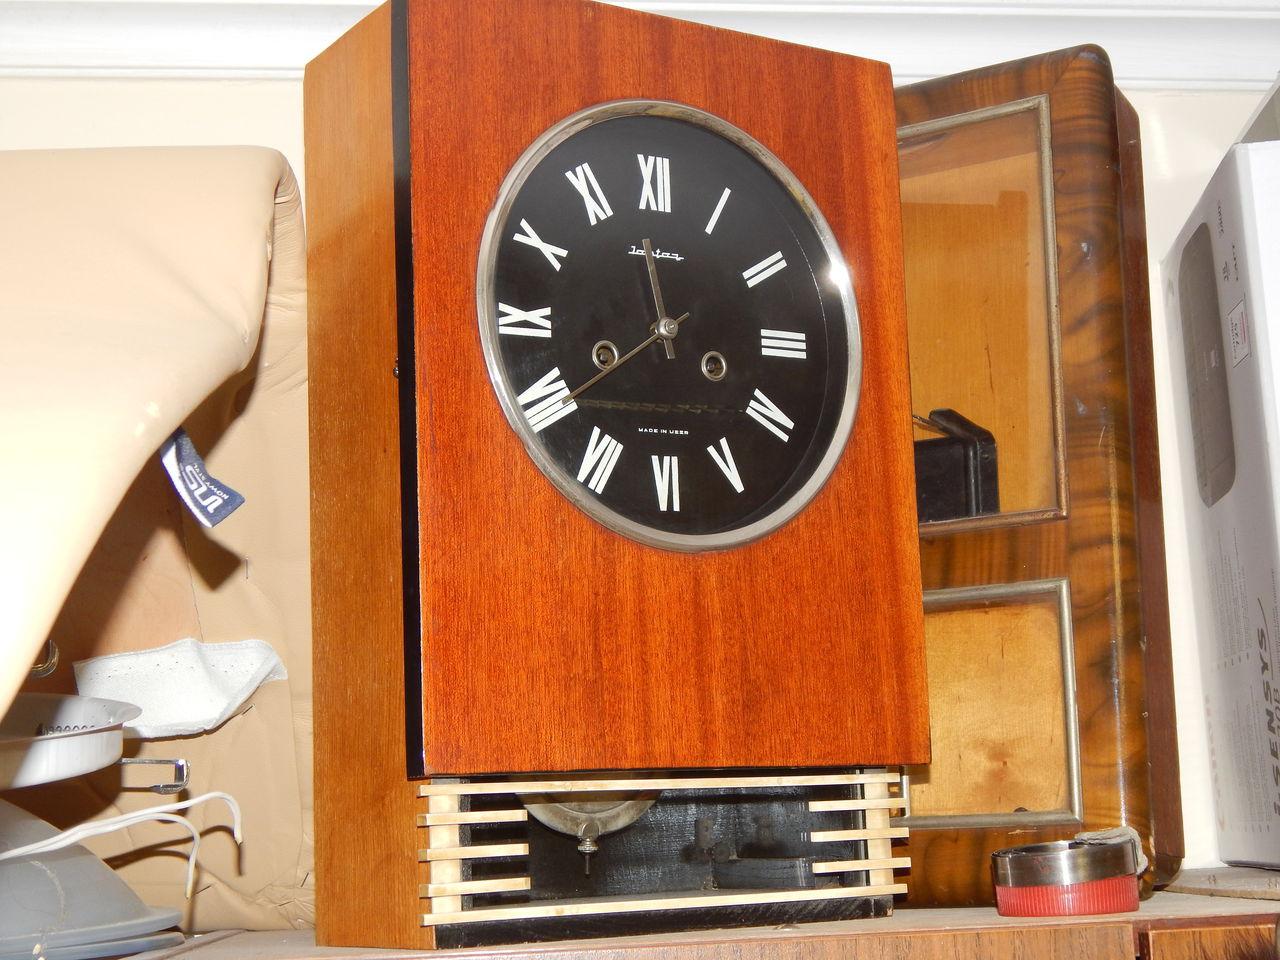 По точности хода они удовлетворяют потребность измерения времени в быту.часы имеют устройство боя часов и получасов.